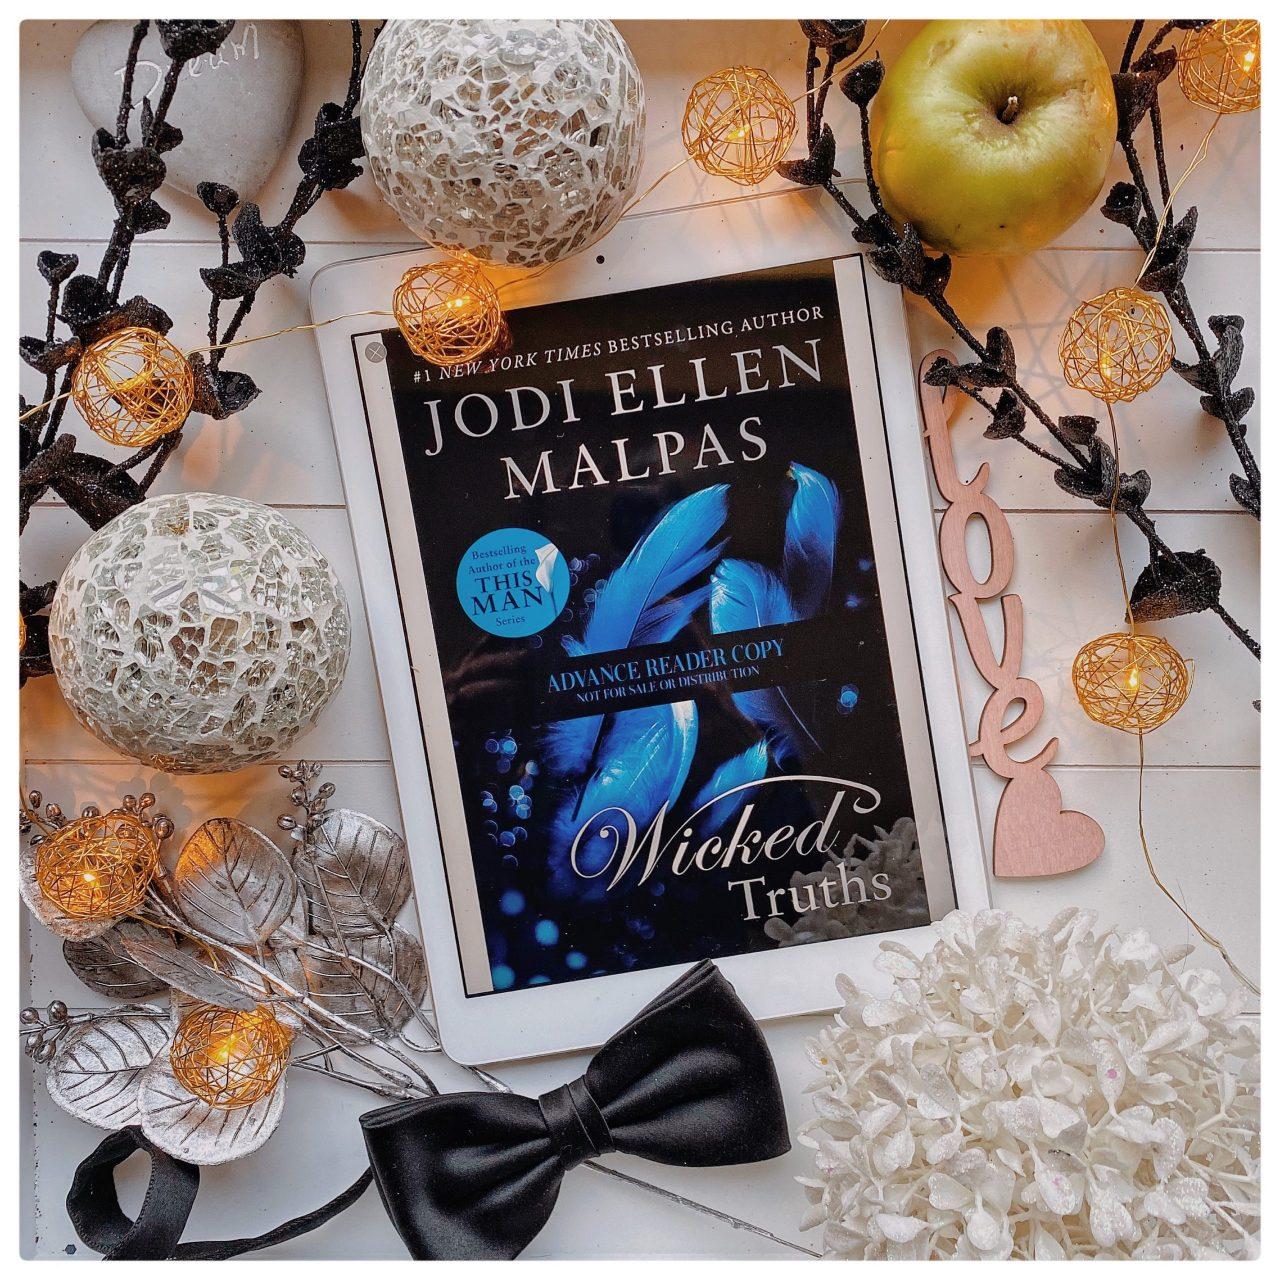 Book Review Wicked Truths by Jodi Ellen Malpas